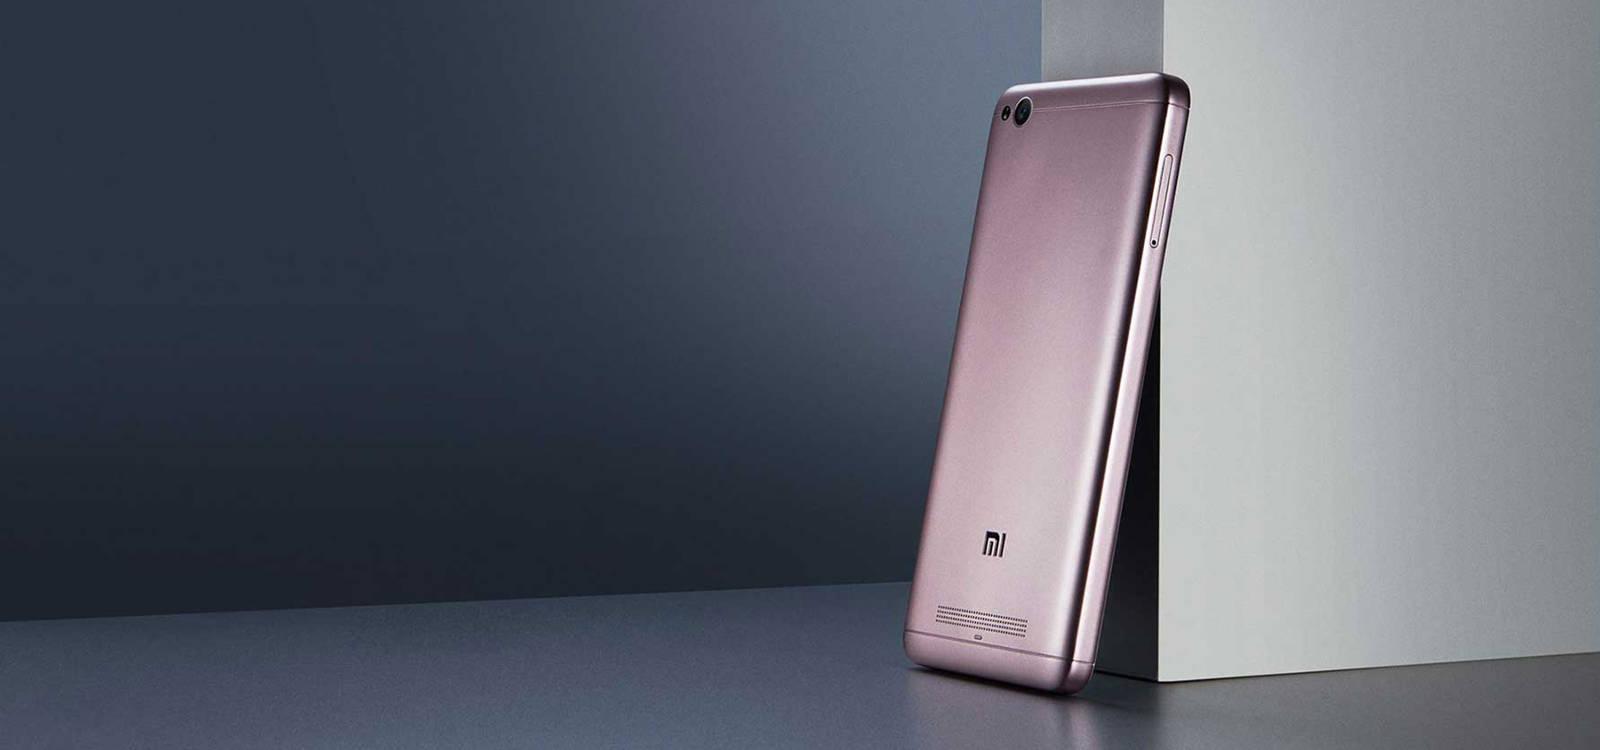 Xiaomi Redmi 4a: преимущества, недостатки и конкуренты